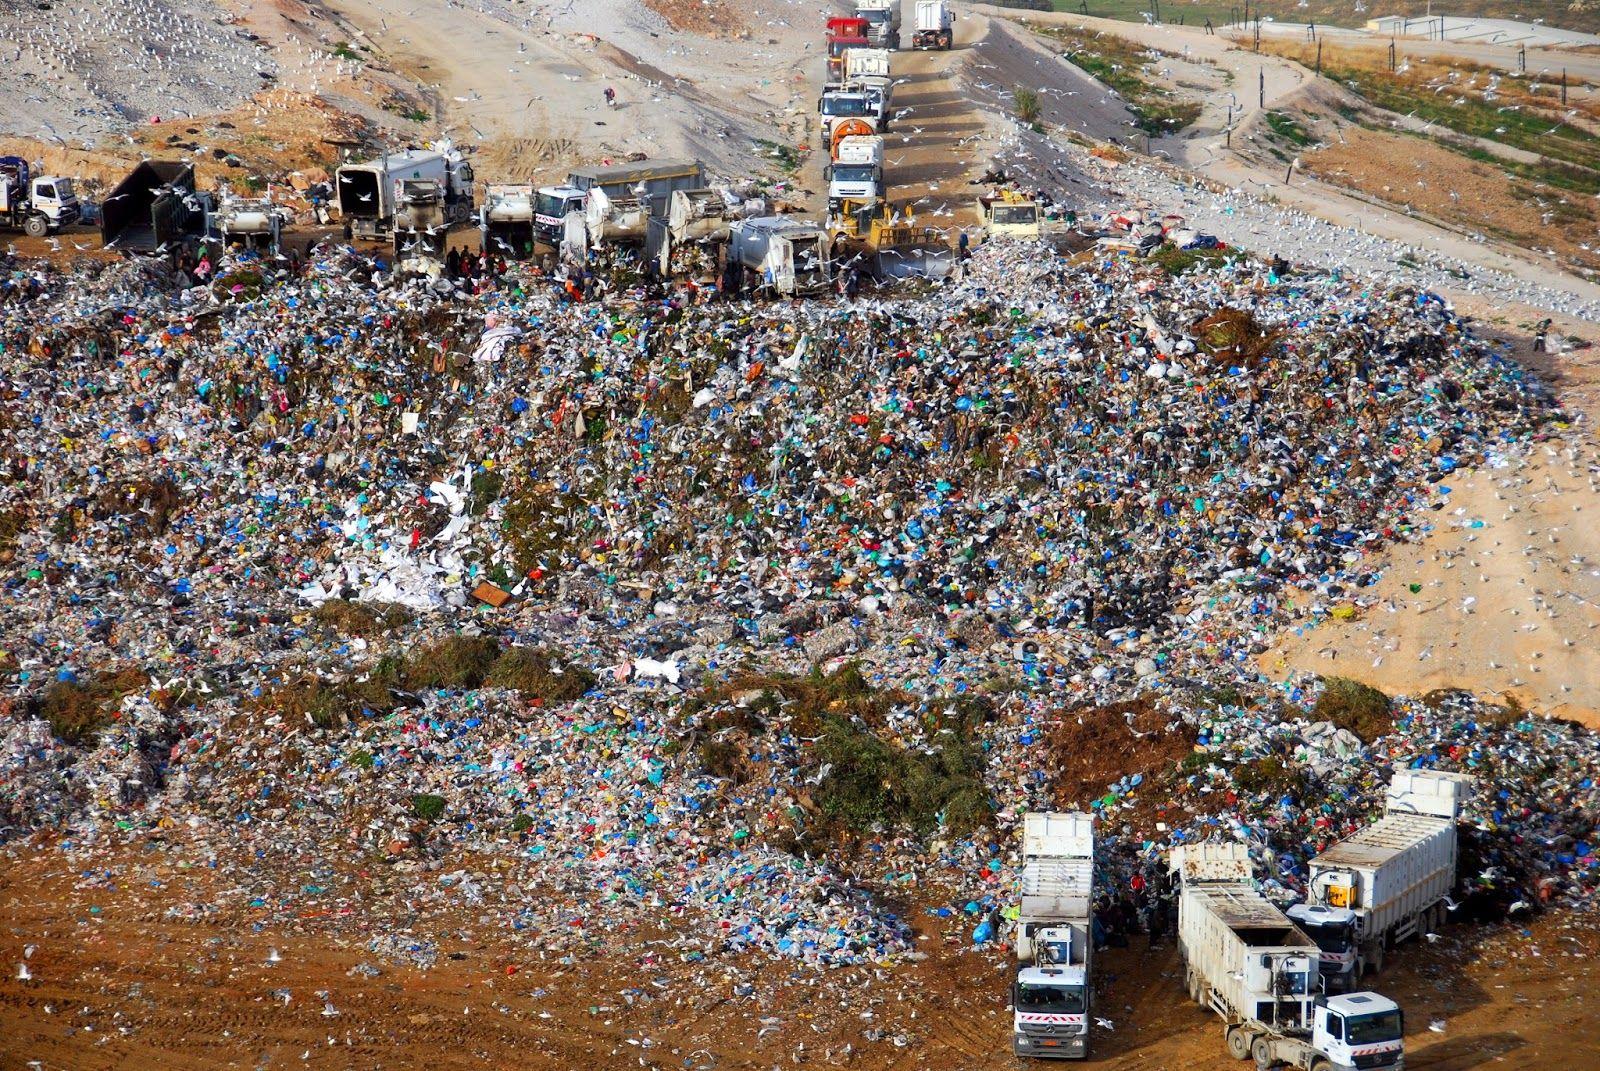 Κλειστός ο ΧΥΤΑ Φυλής: O Δήμος Αλίμου κάνει έκκληση στους δημότες να μη βγάζουν για λίγες ημέρες τα σκουπίδια τους